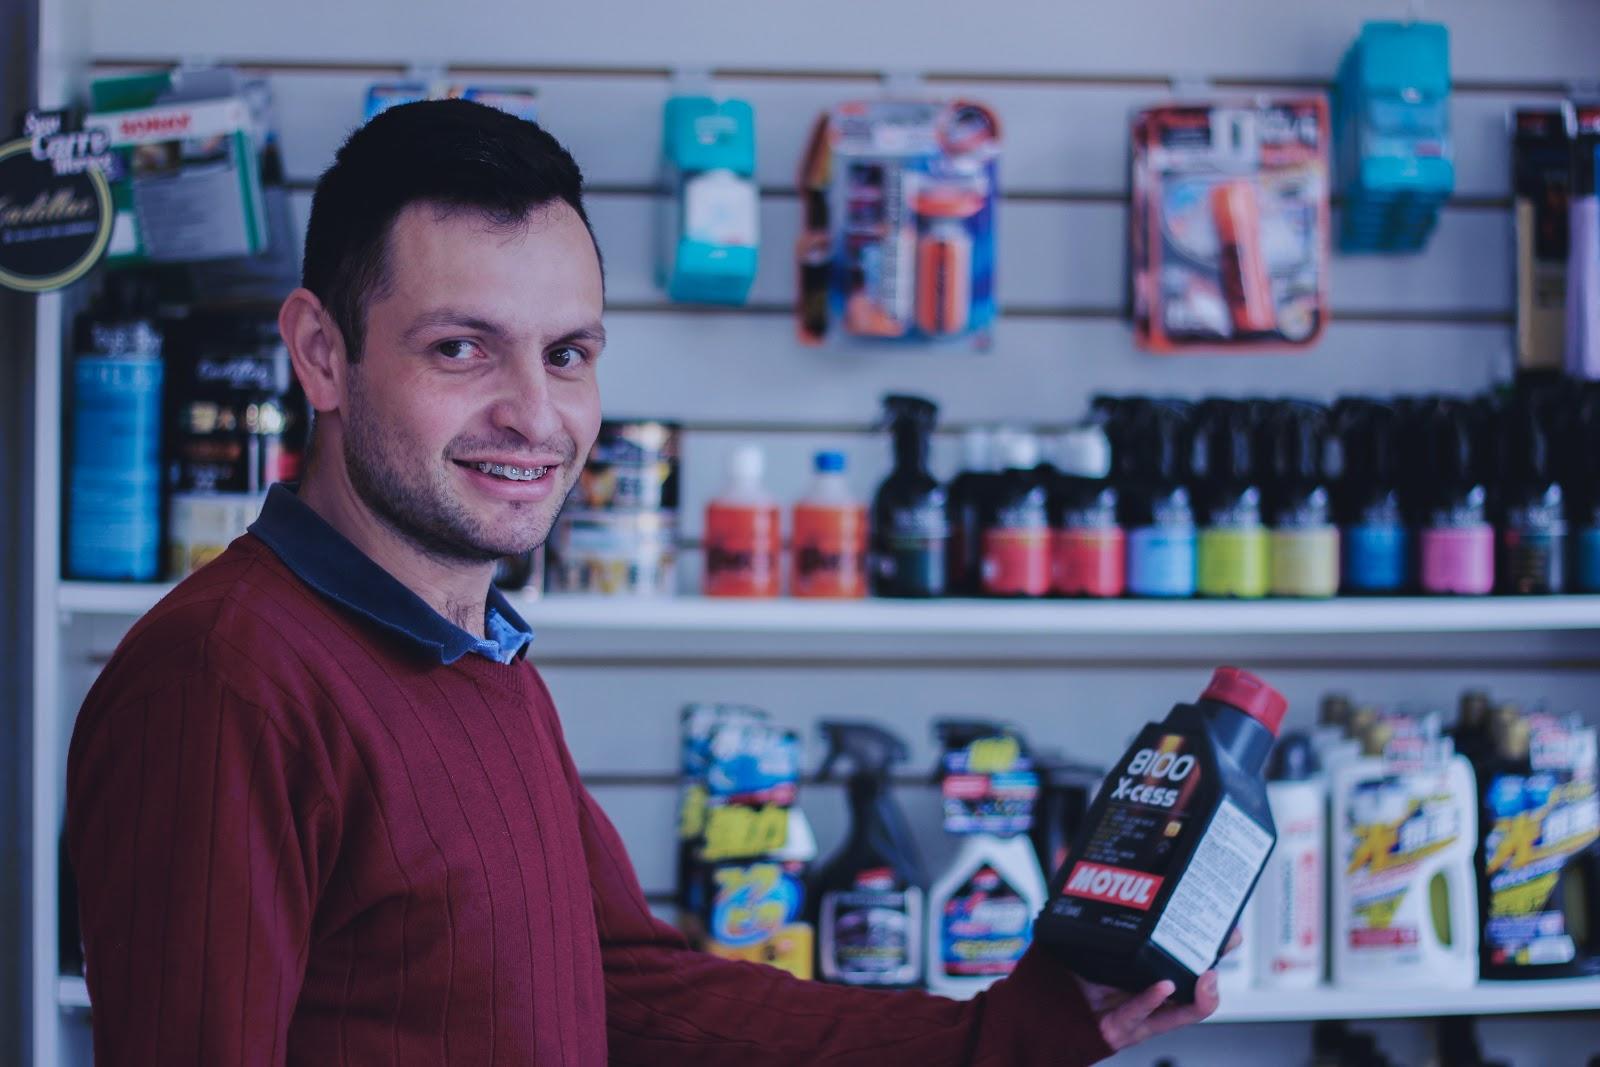 Marcello Gonçalves é sócio-proprietário da loja Especiolista Lubrificantes, parceira do Olist desde 2017. | Imagem: Olist